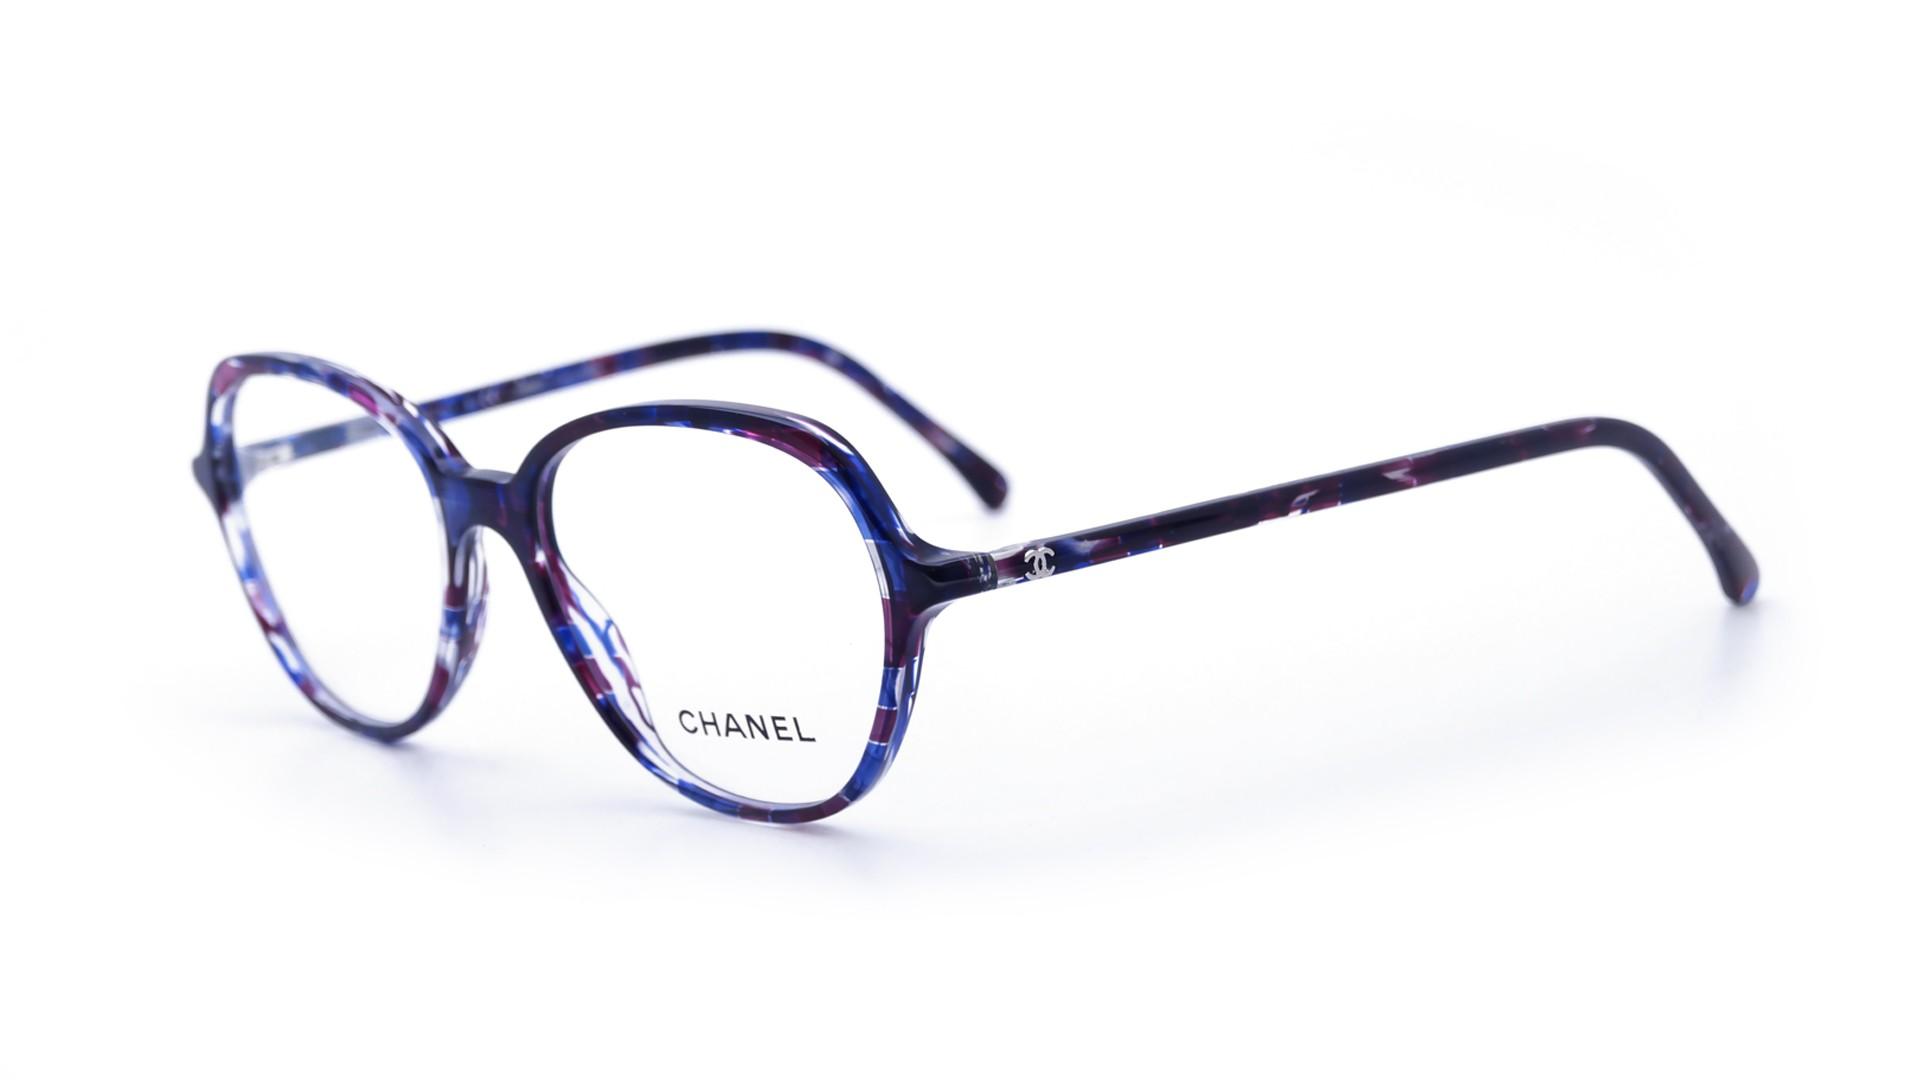 2a2044553f Chanel Signature Multicolore CH3338 1491 51-16 | Prix 184,90 € |  Visiofactory